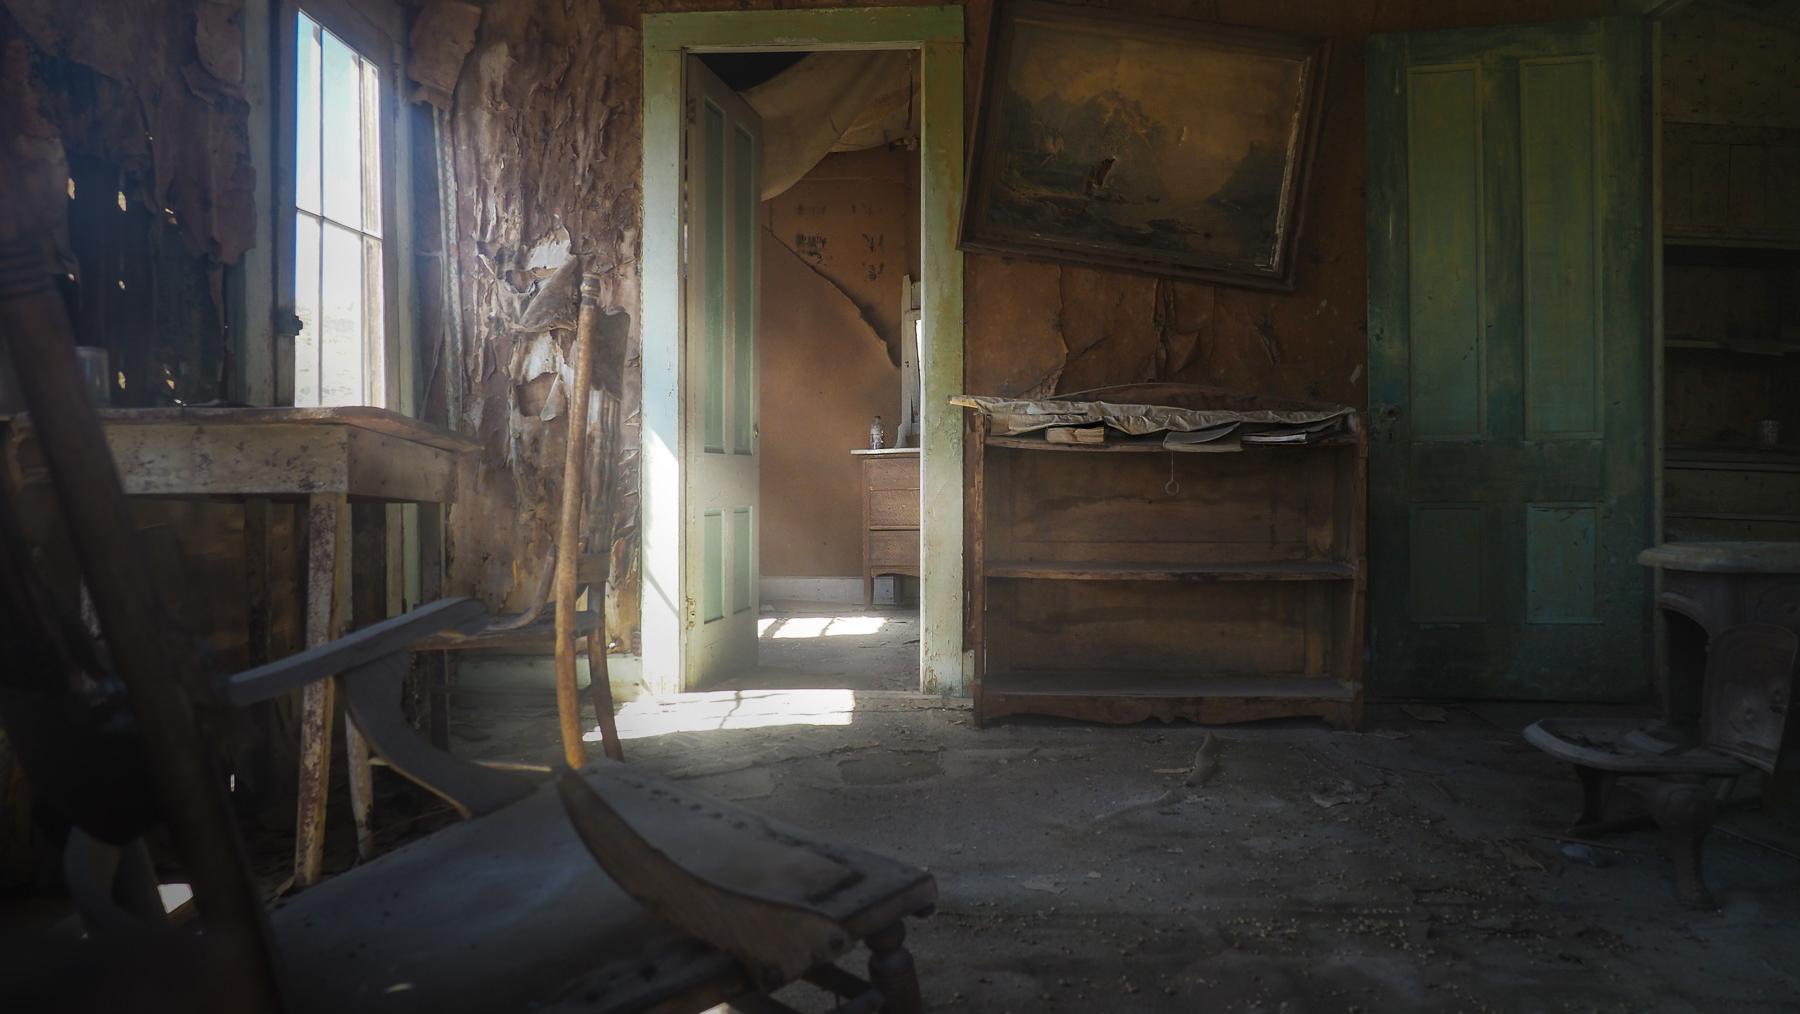 fast jedes Haus bietet faszinierende Einblicke